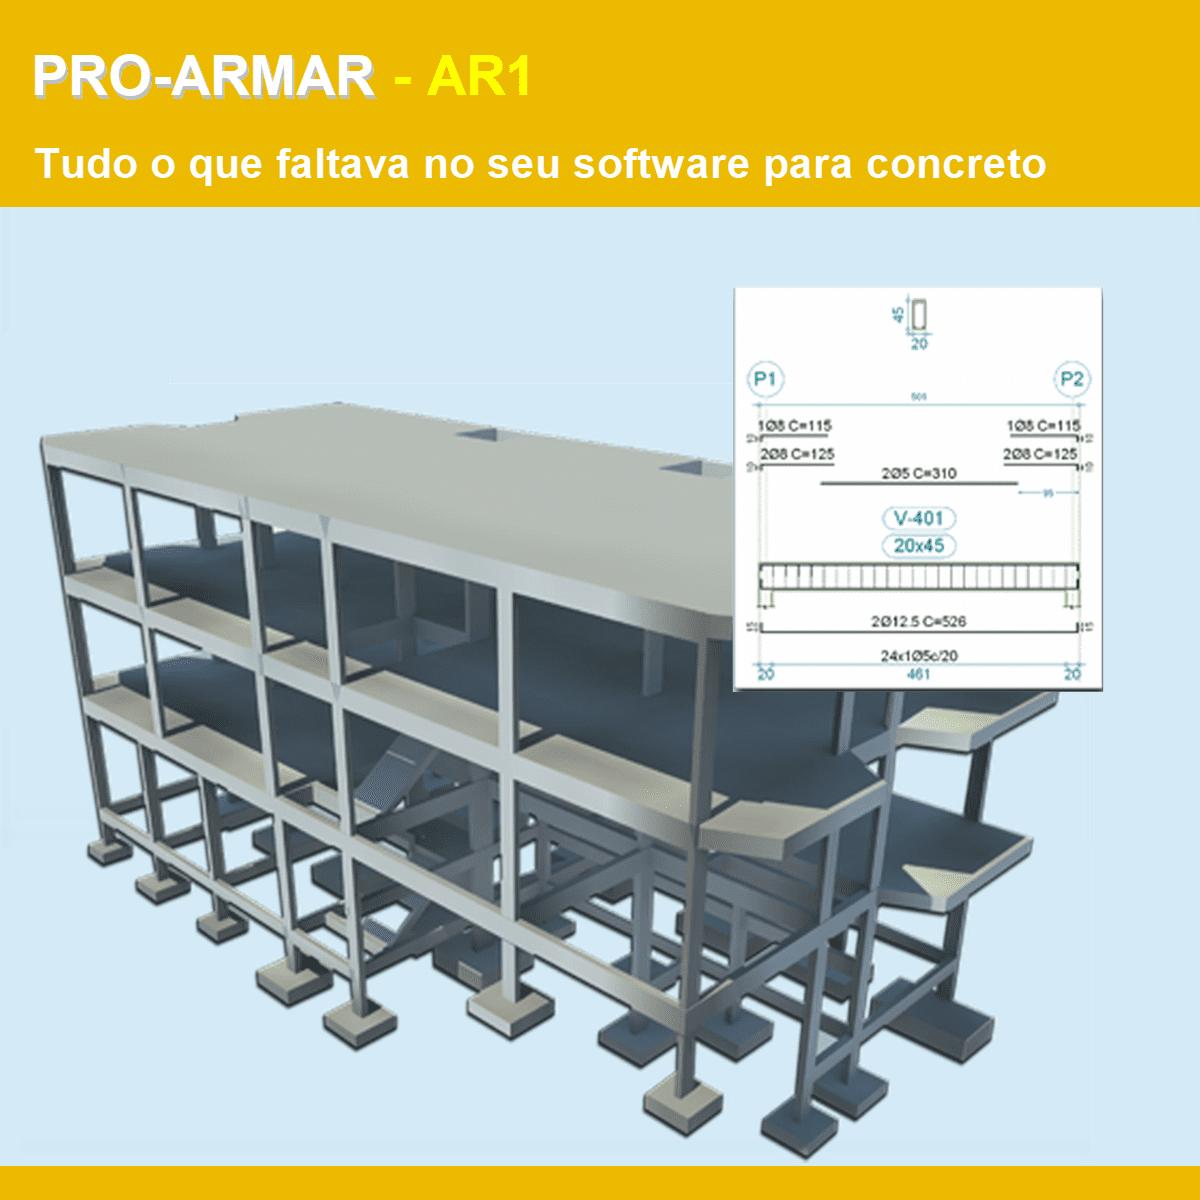 Software PRO-Armar PLUS versão 18 Pacote AR1 incluindo Editor Inteligente de Formas e Armaduras, Detalhamento Paramétrico e Revisor de Pranchas  - MULTIPLUS SOFTWARES